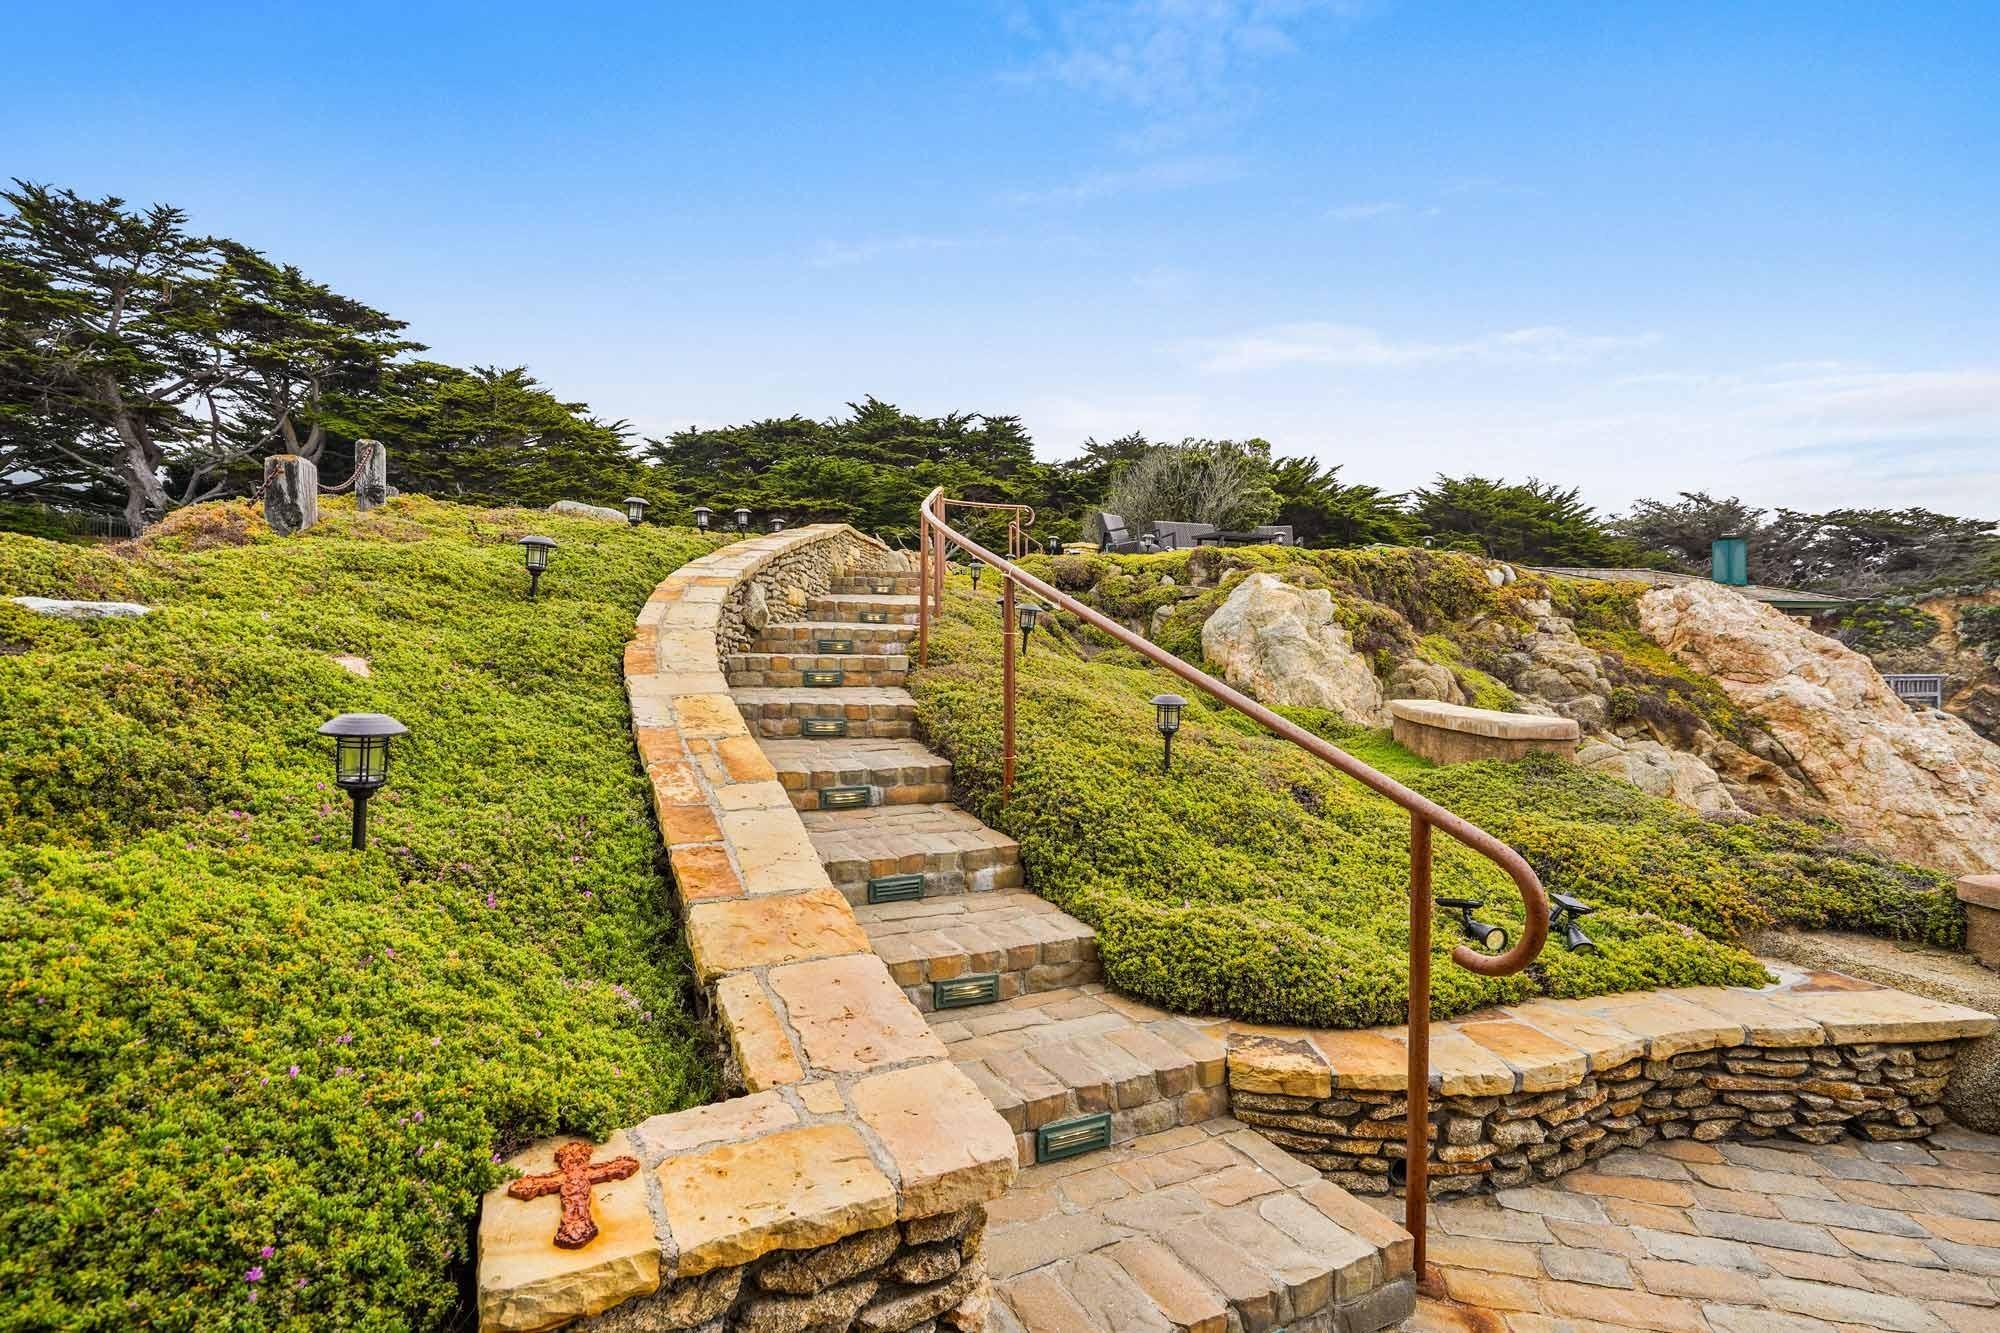 Aussenraum Klippenhaus in der Stadt Carmel in Kalifornien